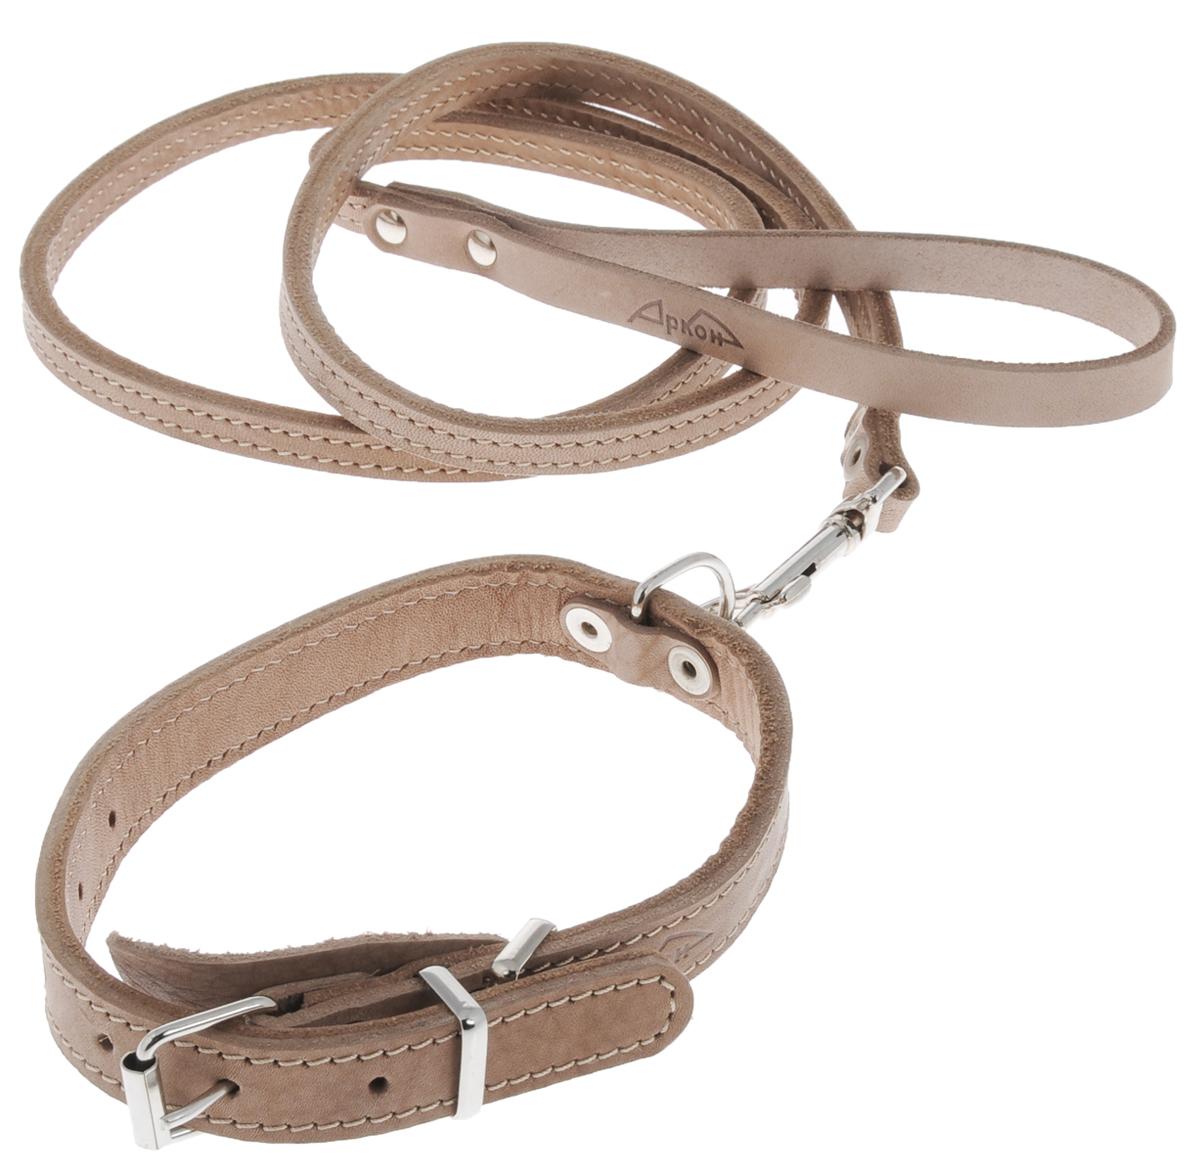 Комплект для собак Аркон Стандарт №6, цвет: светло-коричневый, 2 предметак6Комплект для животных Аркон Стандарт №6 состоит из ошейника и поводка. Изделия изготовлены из высококачественного металла и натуральной кожи. Надежная конструкция обеспечит вашему четвероногому другу комфортную и безопасную прогулку. Такой комплект подходит для мелких и средних пород собак. Длина поводка: 1,4 м. Ширина поводка: 1 см. Обхват шеи (для ошейника): 32 - 44 см. Ширина ремня ошейника: 2 см.